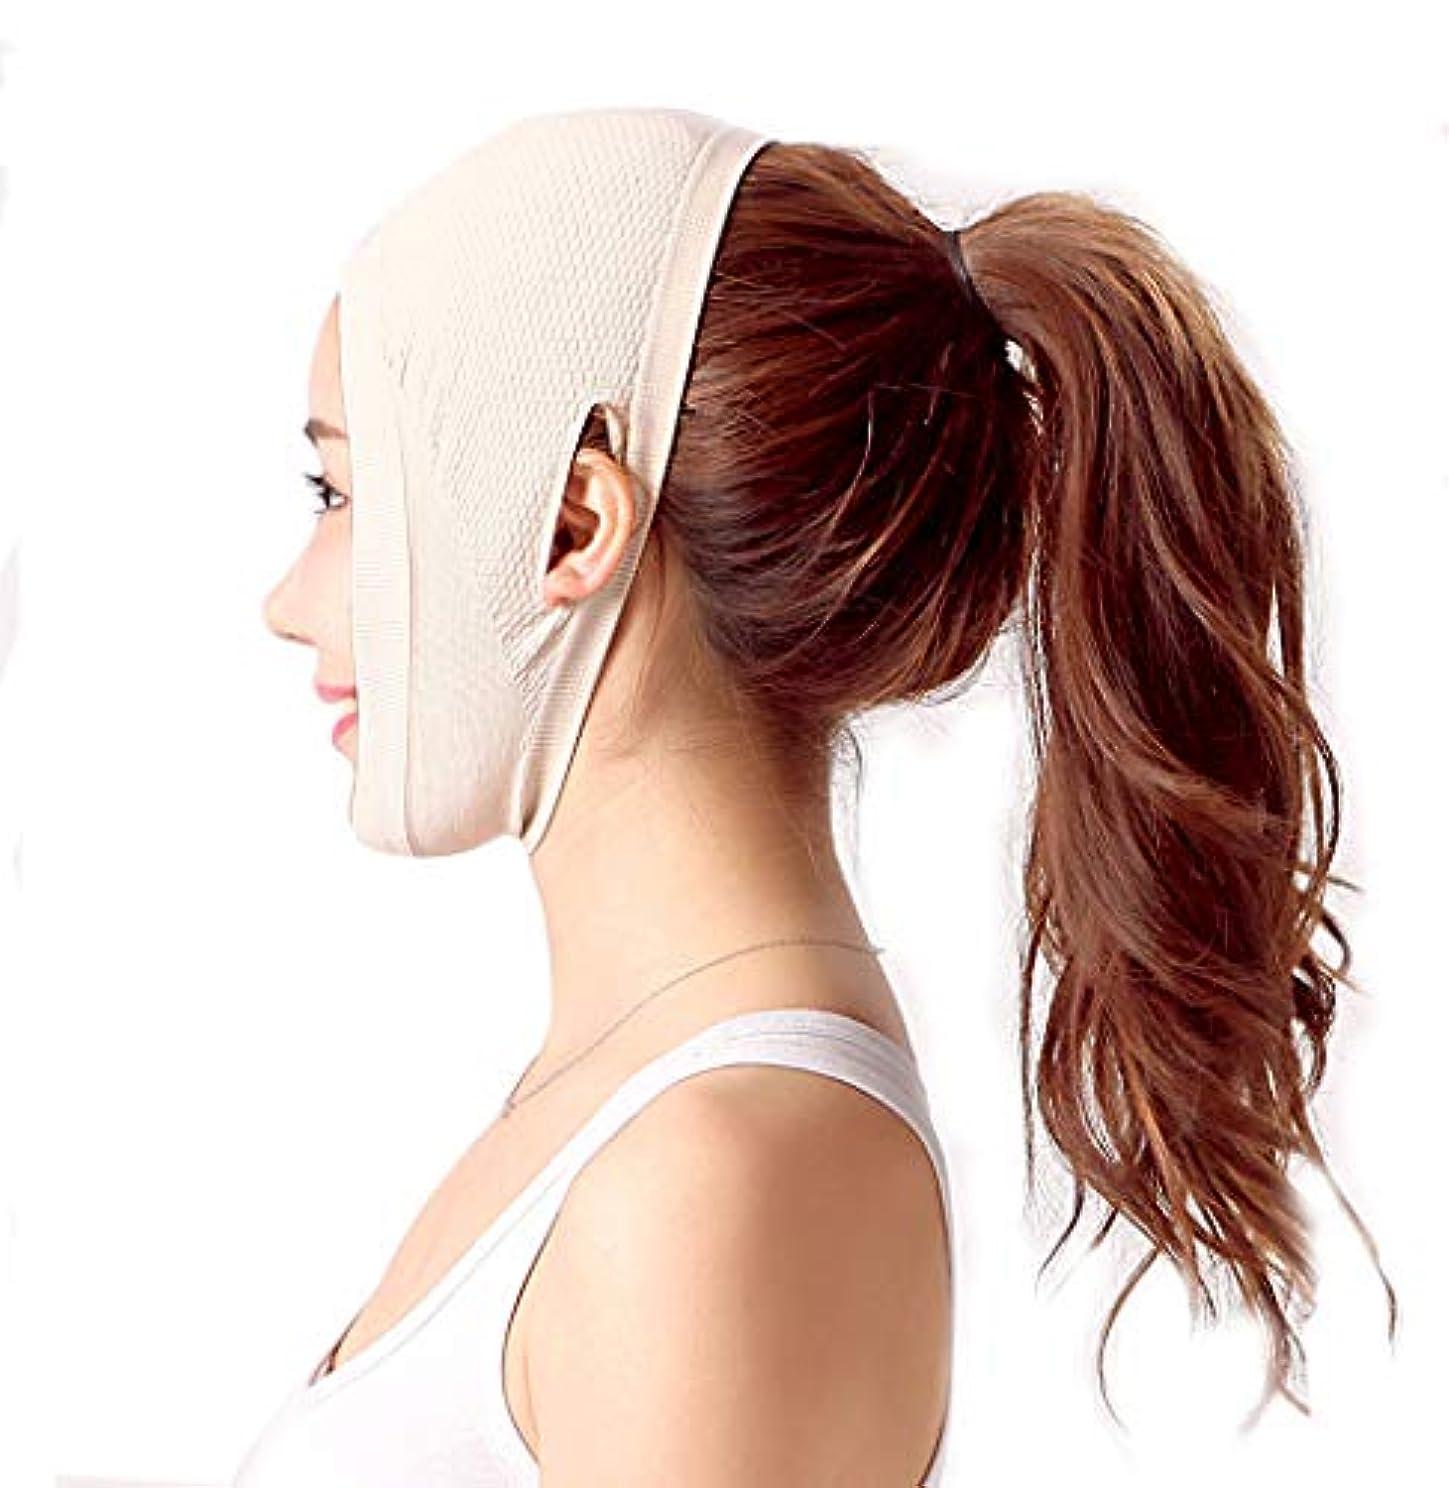 レシピ馬鹿スペクトラムV顔リフティング包帯薄いフェイスマスクを眠っている整形手術病院ライン彫刻術後回復ヘッドギア医療マスク (Color : Skin tone(A))